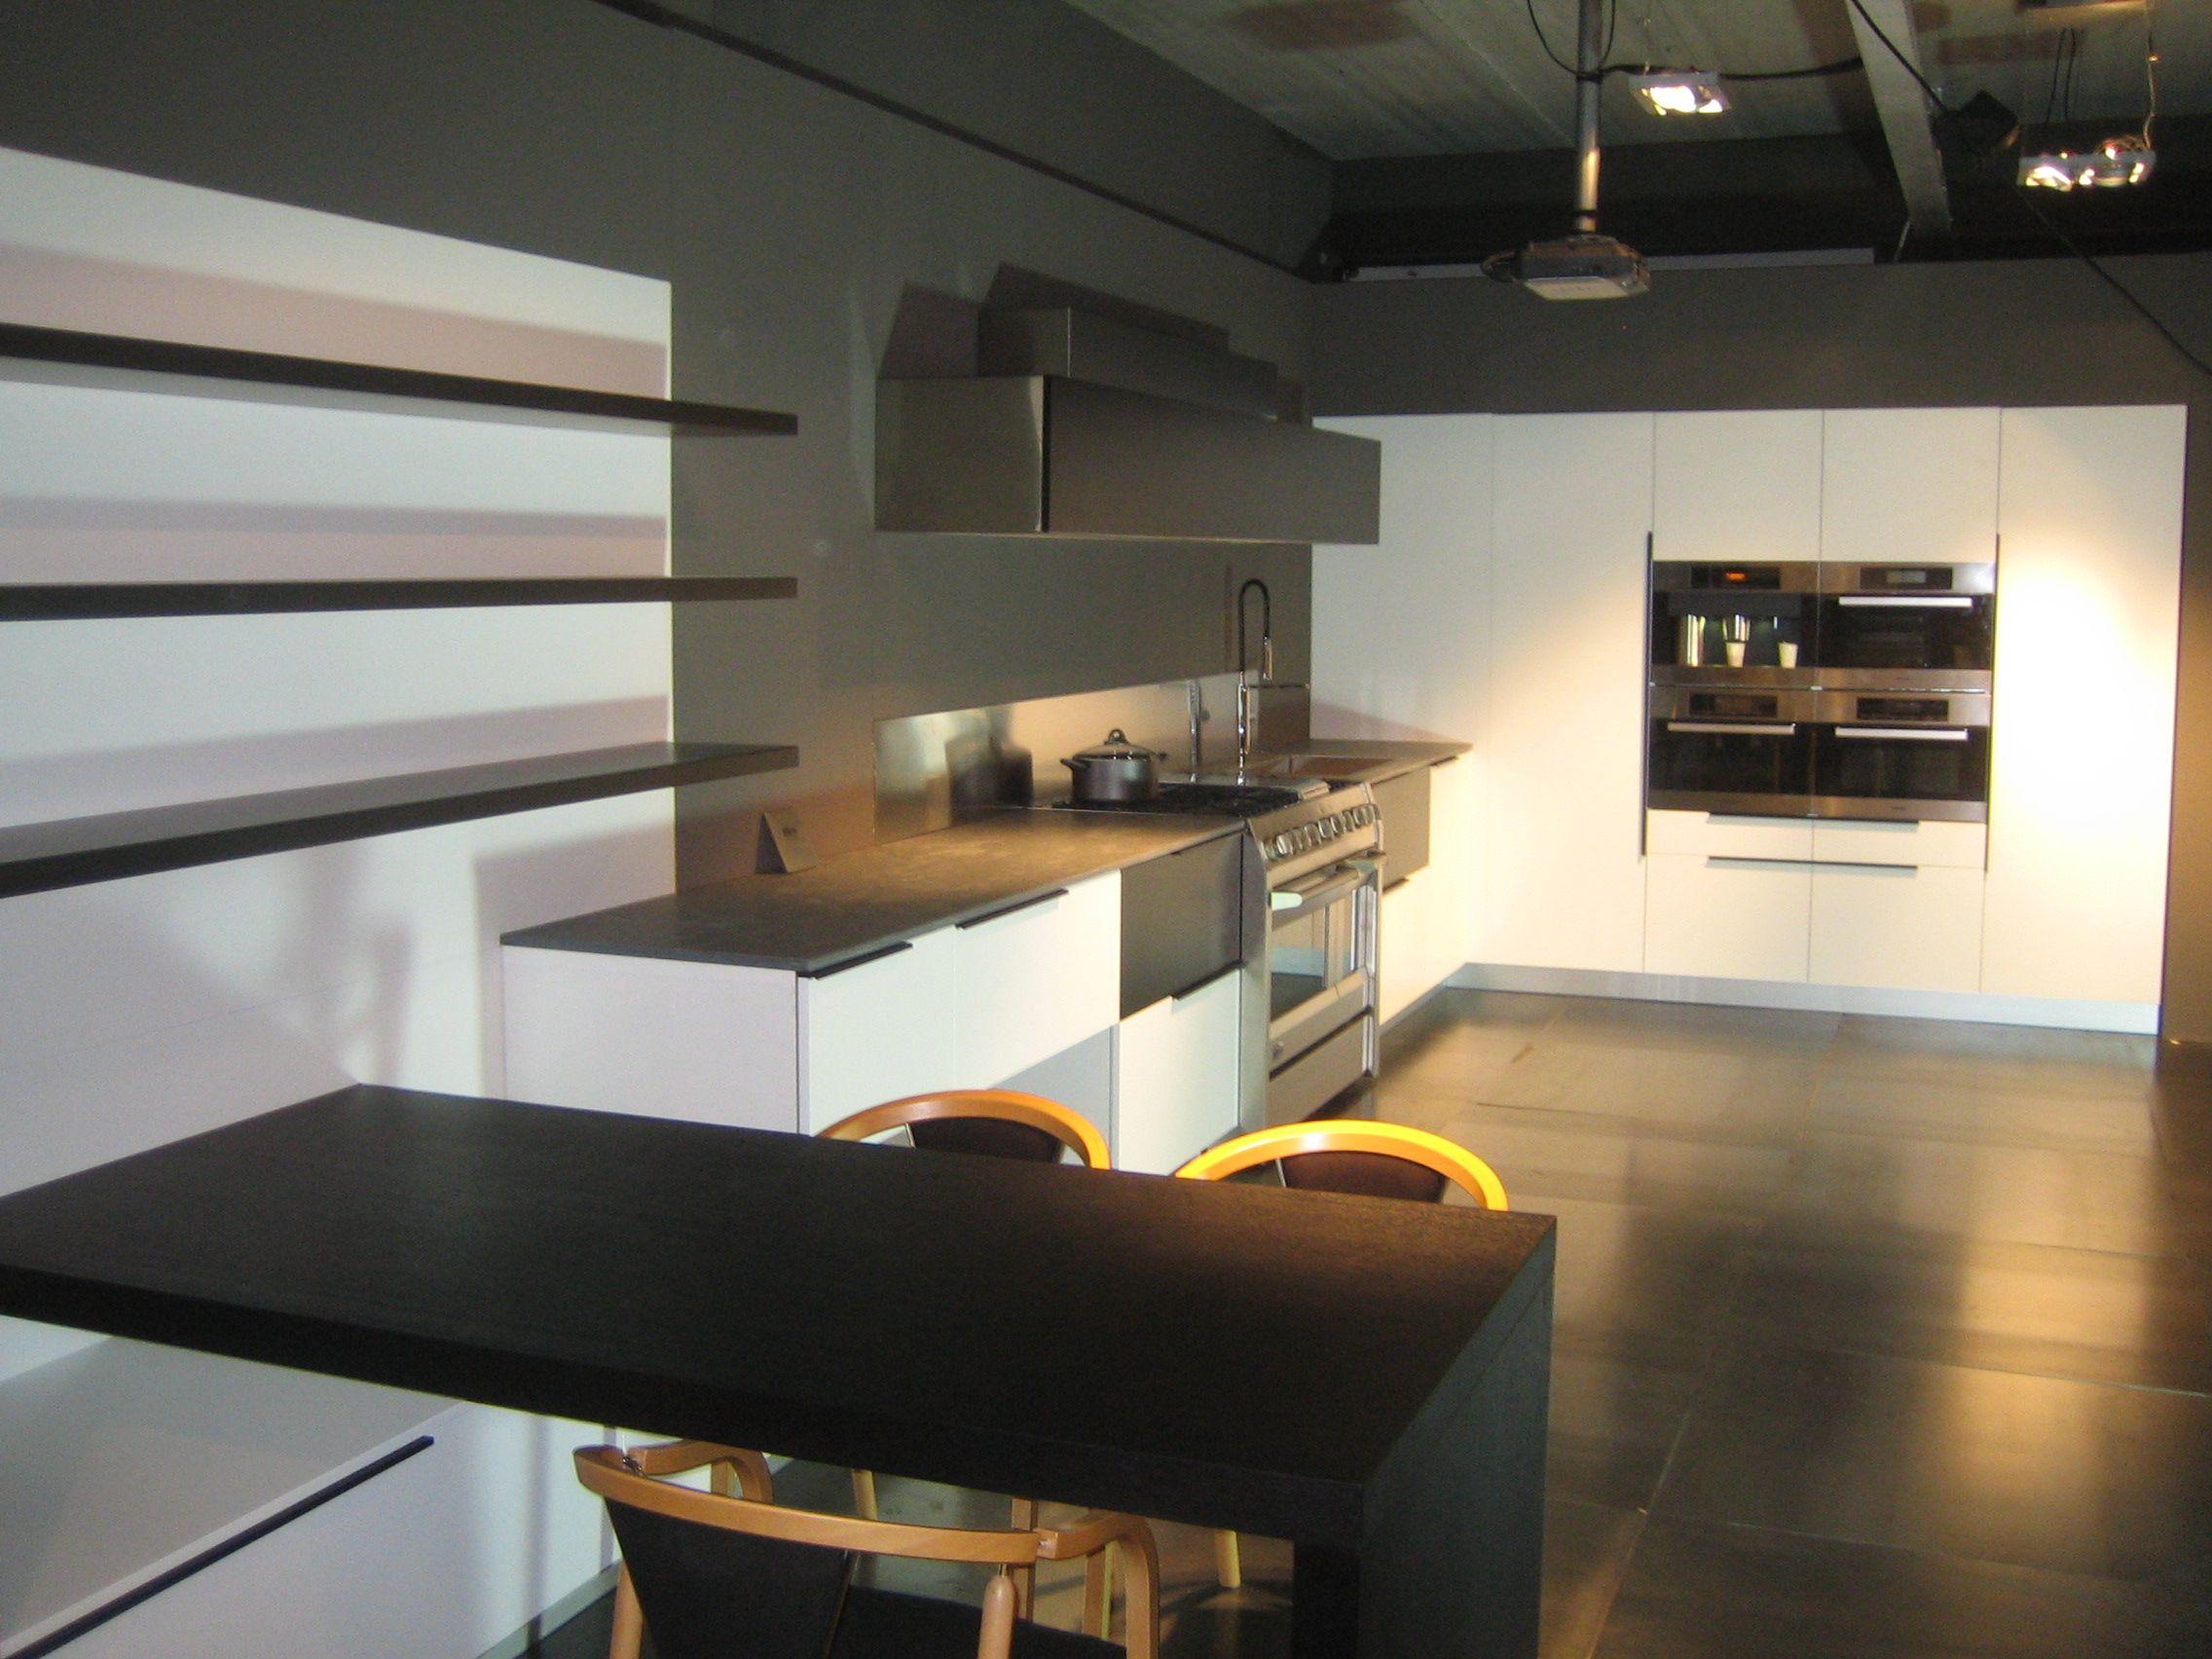 Witte Keuken Zwarte Plint : ... Nederland keukens voor zeer lage ...